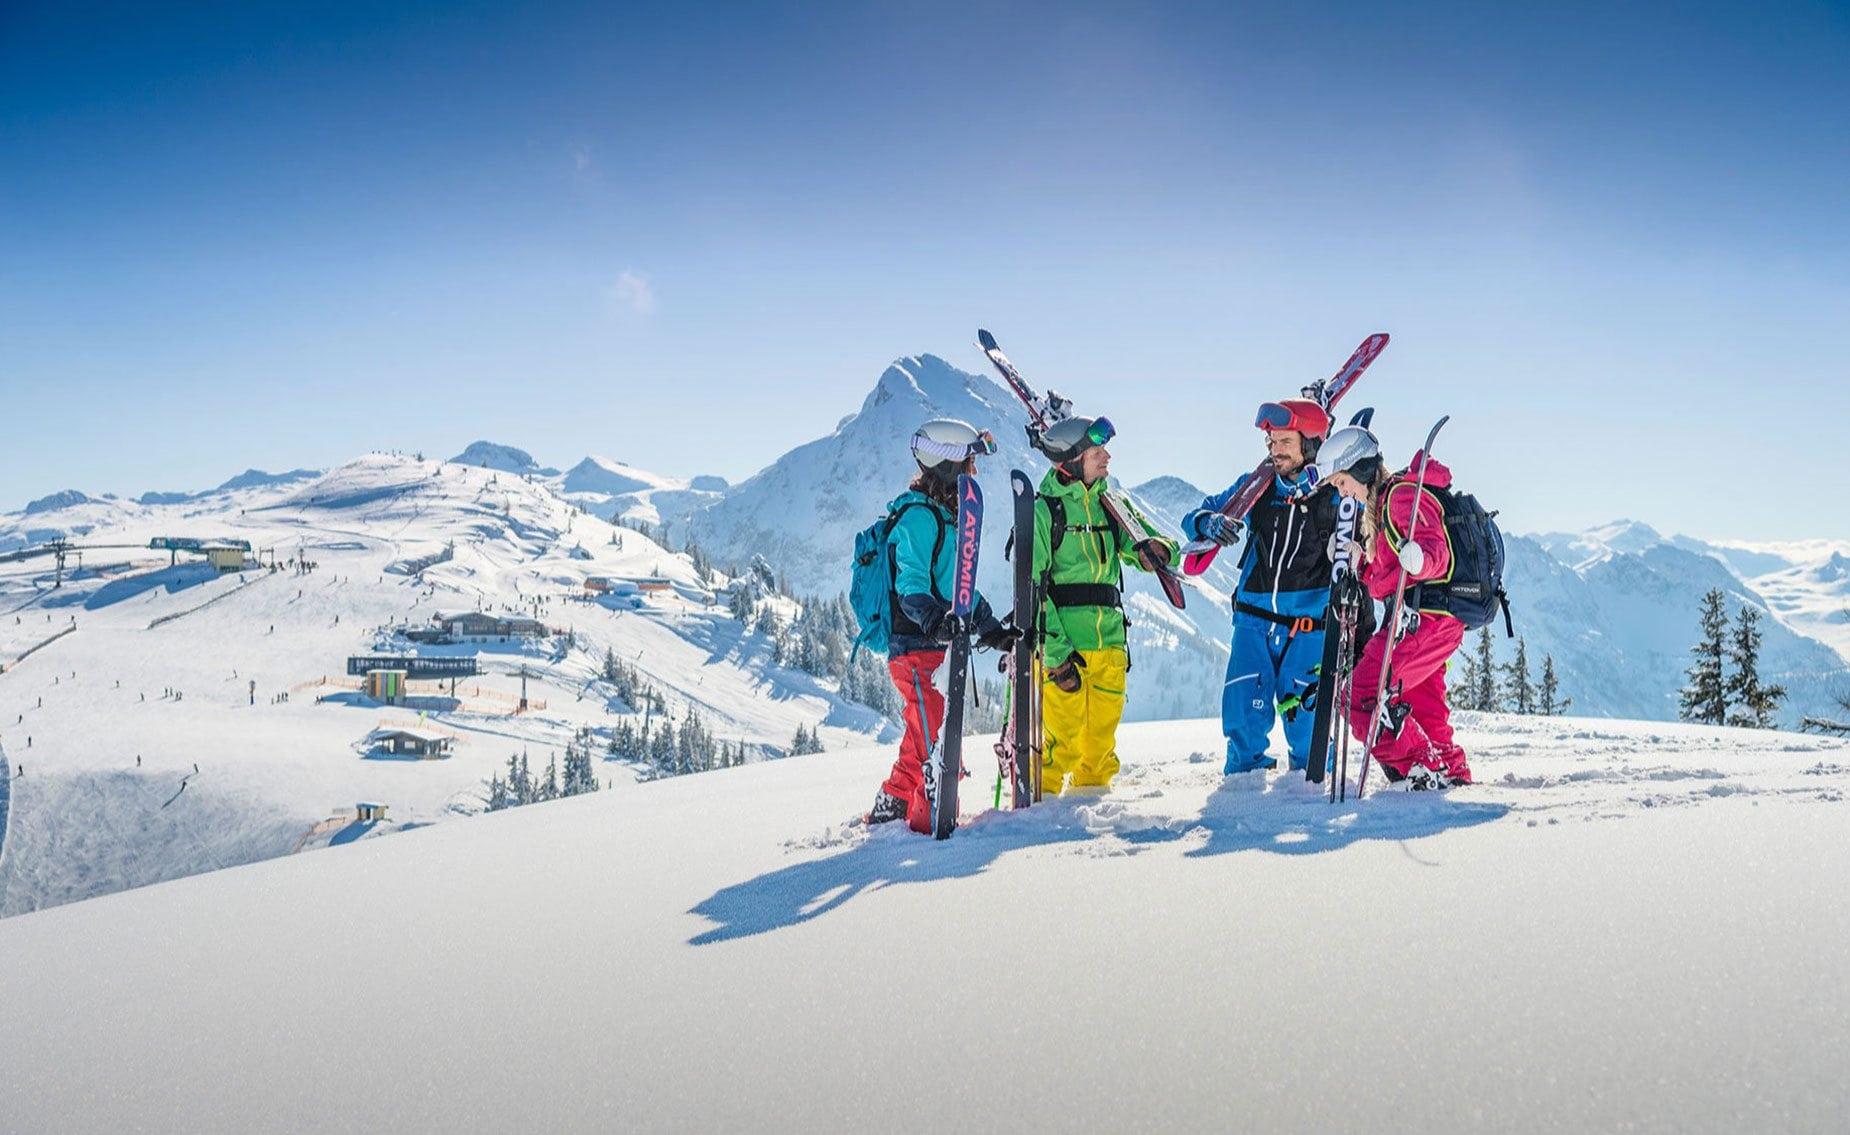 Skiurlaub in Flachau - Feriengut Fingerhof, Ski amadé